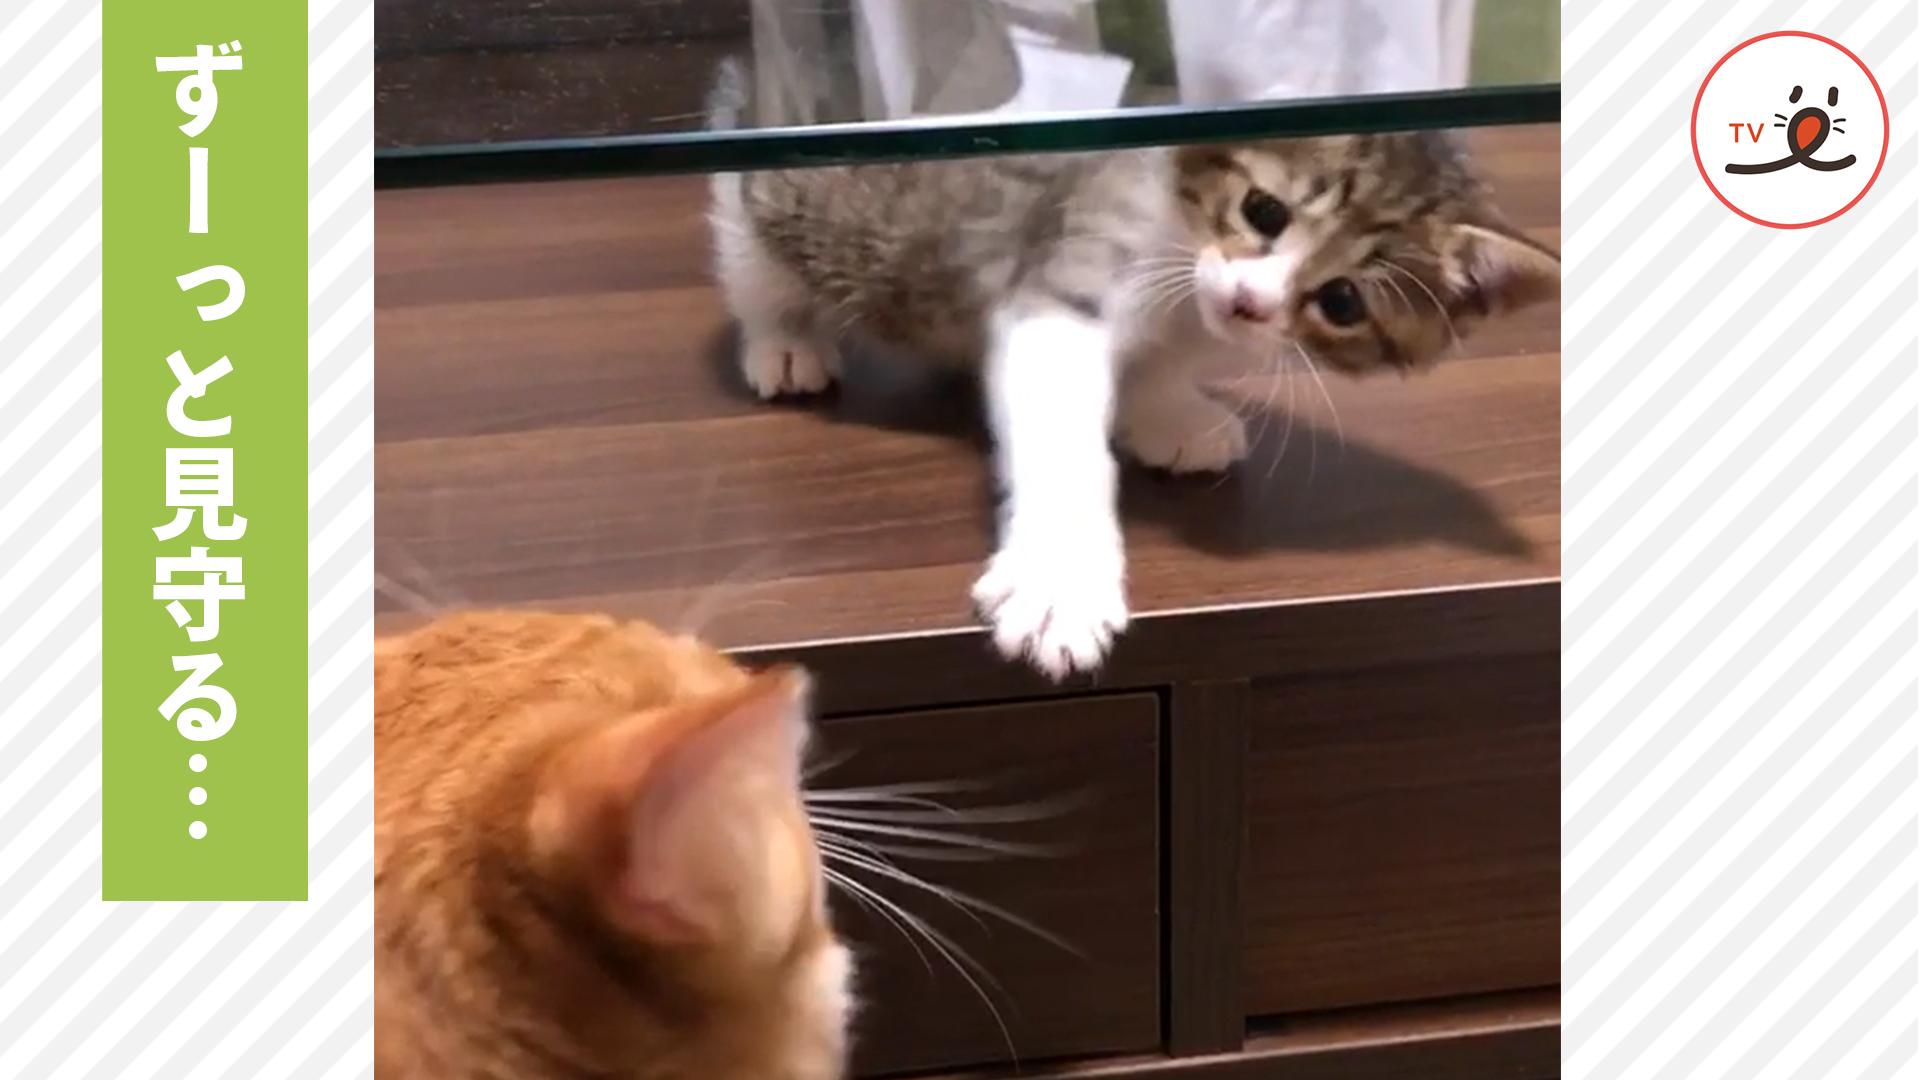 先輩猫たちが、遊ぶ子猫をジッと見守るが…😝😹